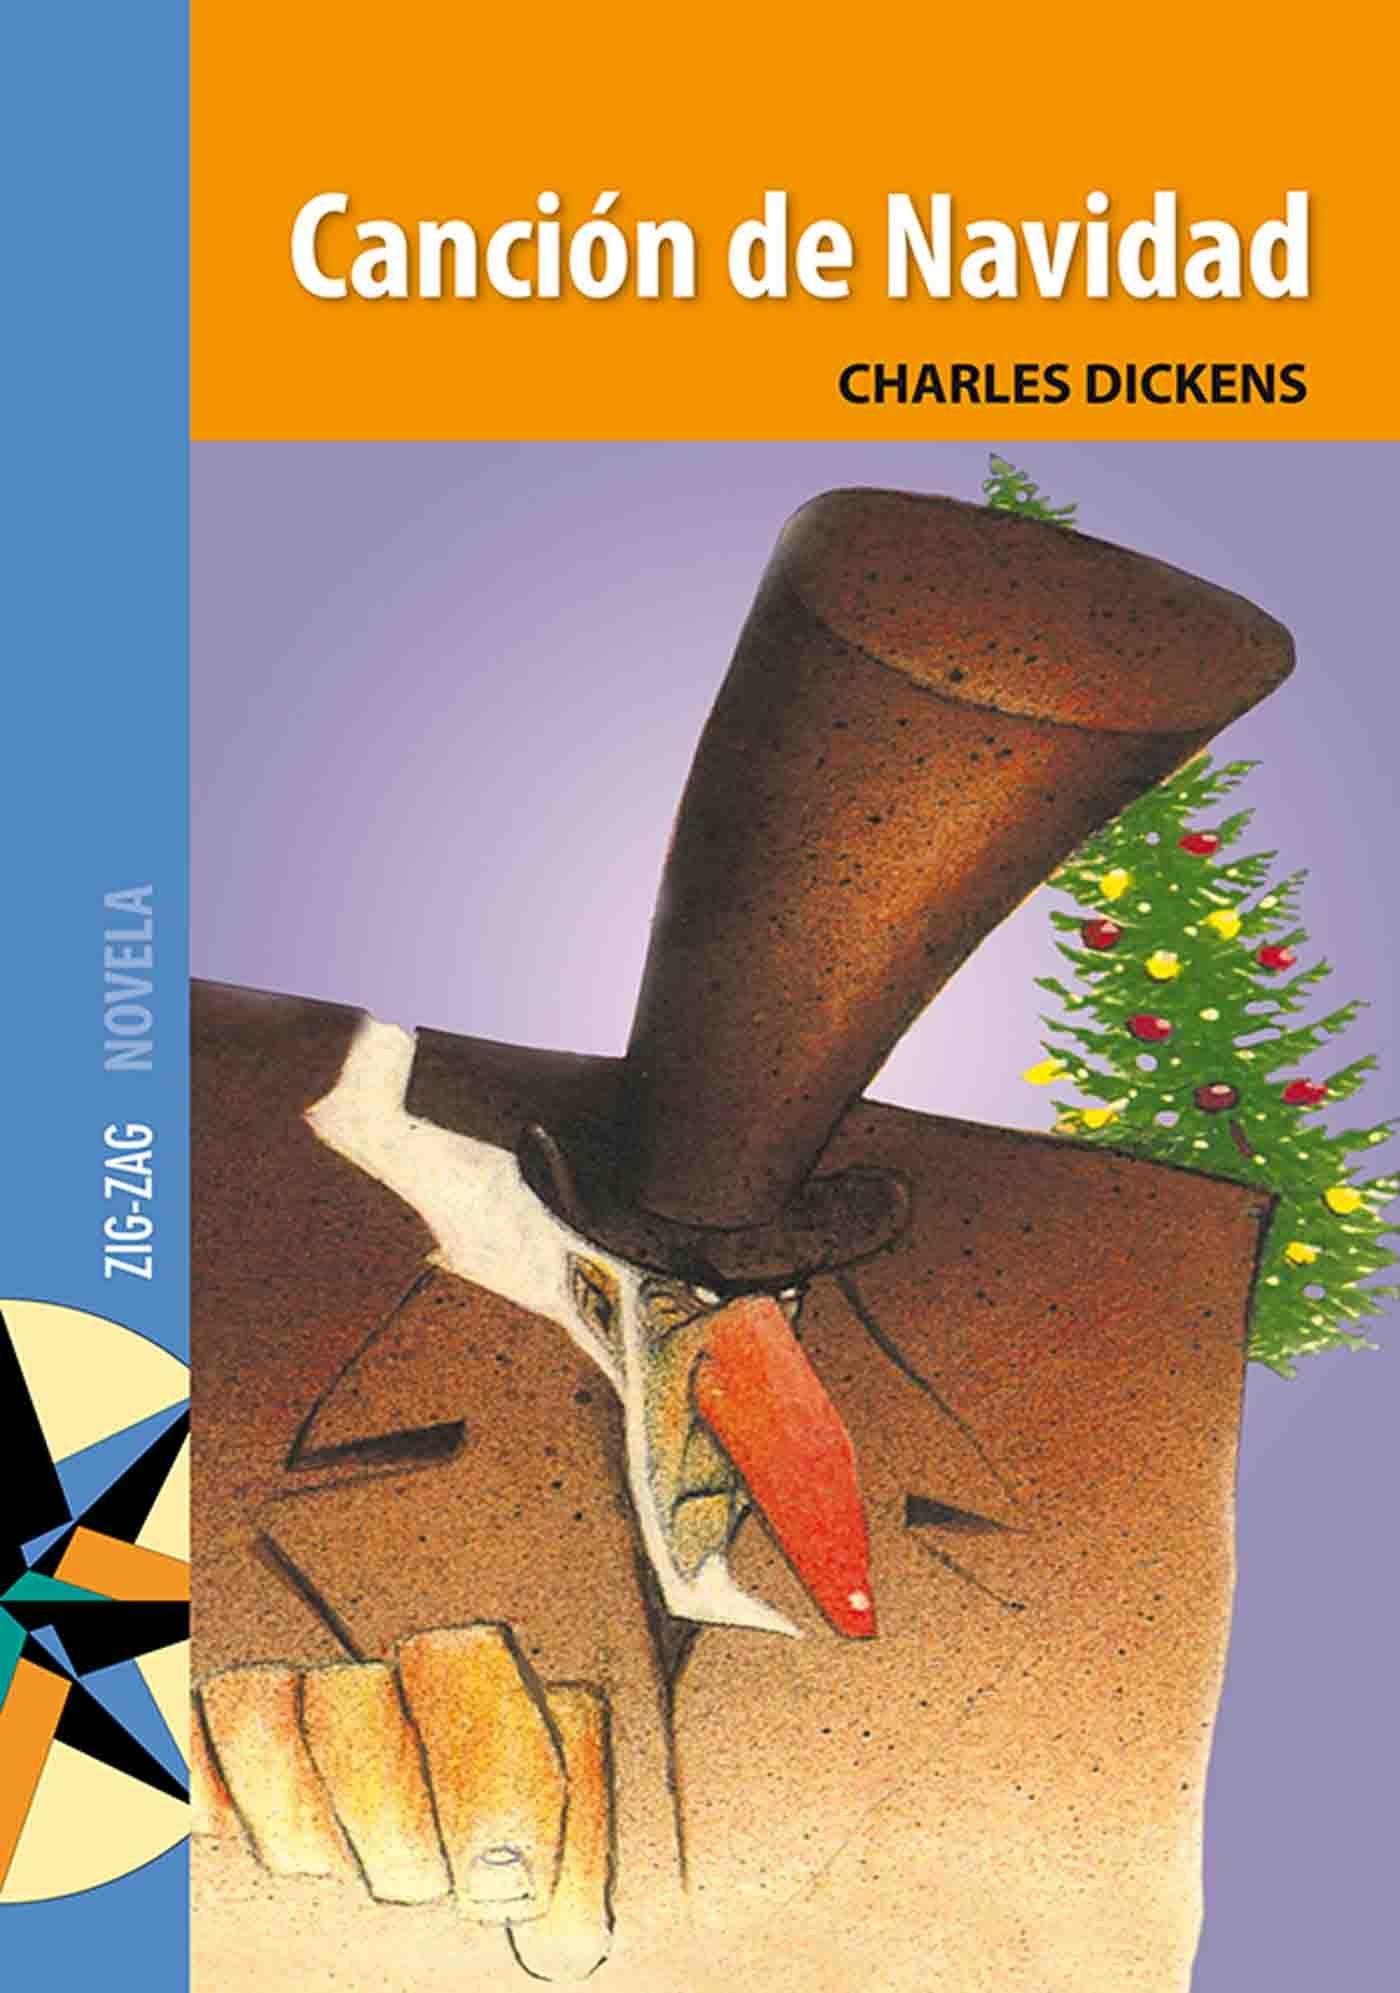 Resultado de imagen de canción de navidad dickens